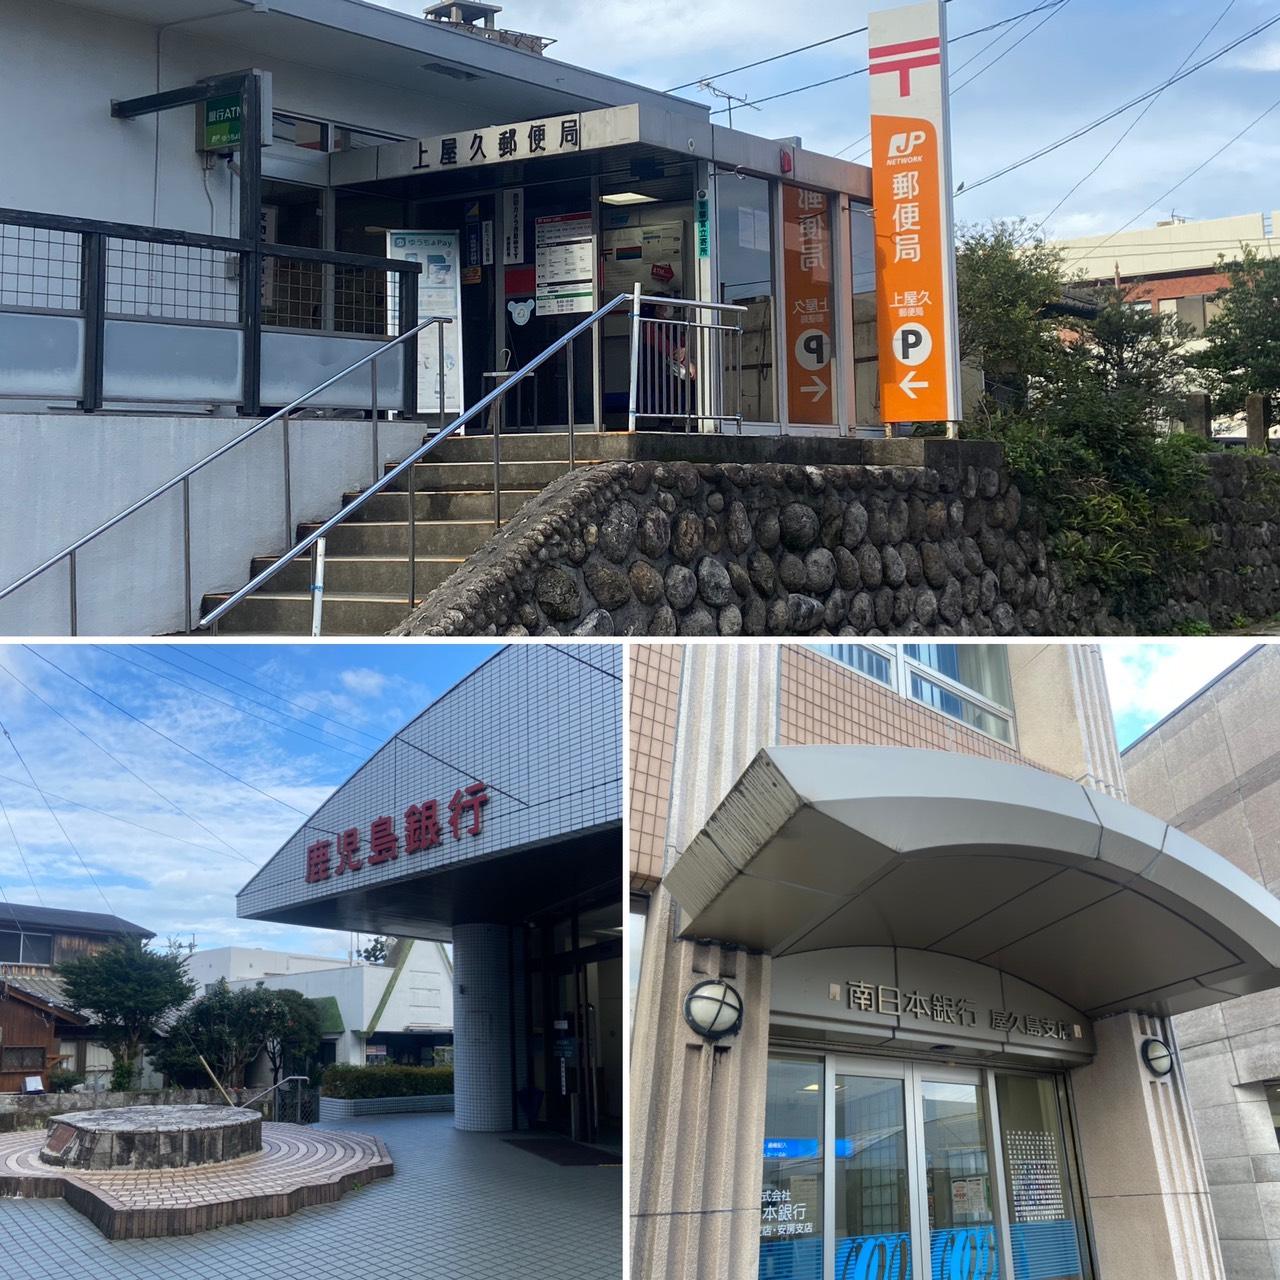 結の島 看護師 屋久島徳洲会病院より、宿舎と病院周辺の紹介です。